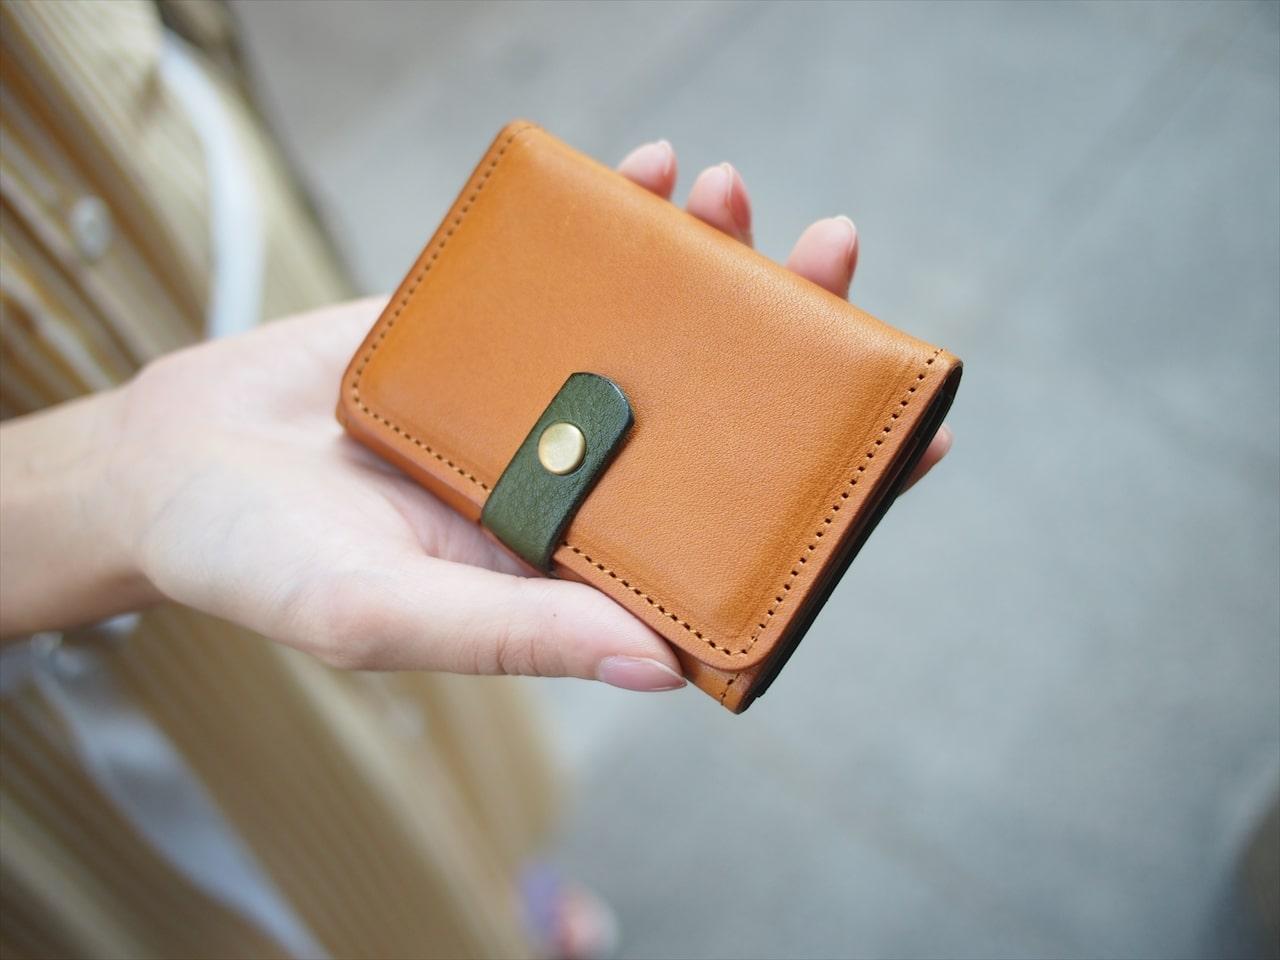 キャッシュレス時代のお財布!名刺入れサイズの小さな財布 ミニ財布